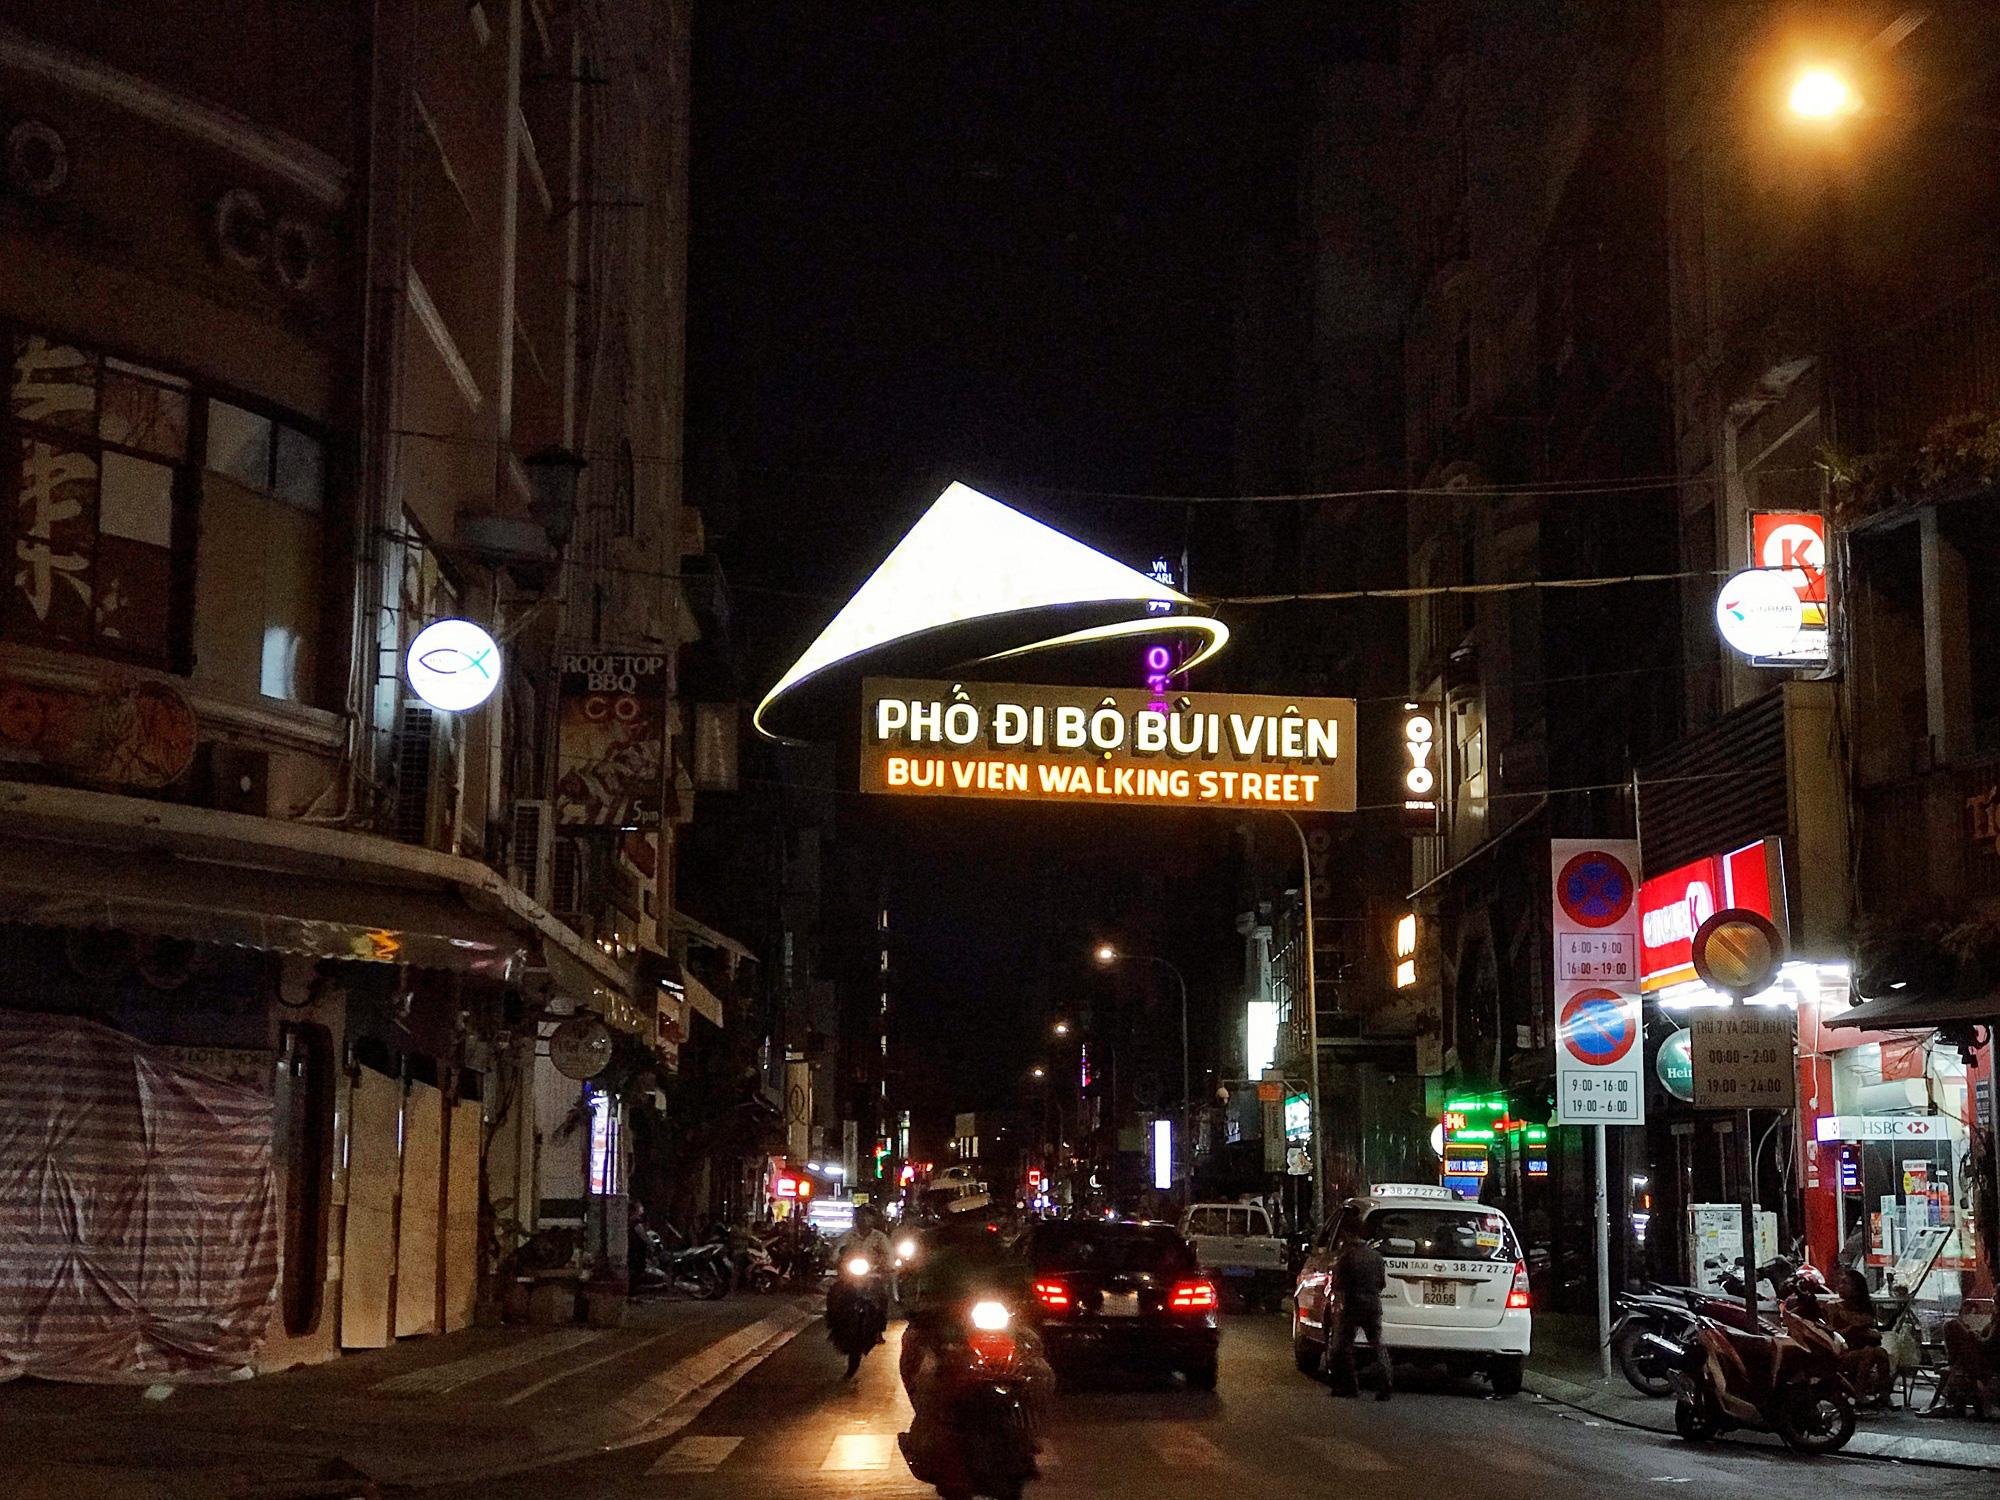 """Sài Gòn 16/3: Các điểm vui chơi, du lịch tham quan tại quận 1 """"vắng lặng"""" giữa mùa dịch Corona - Ảnh 7."""